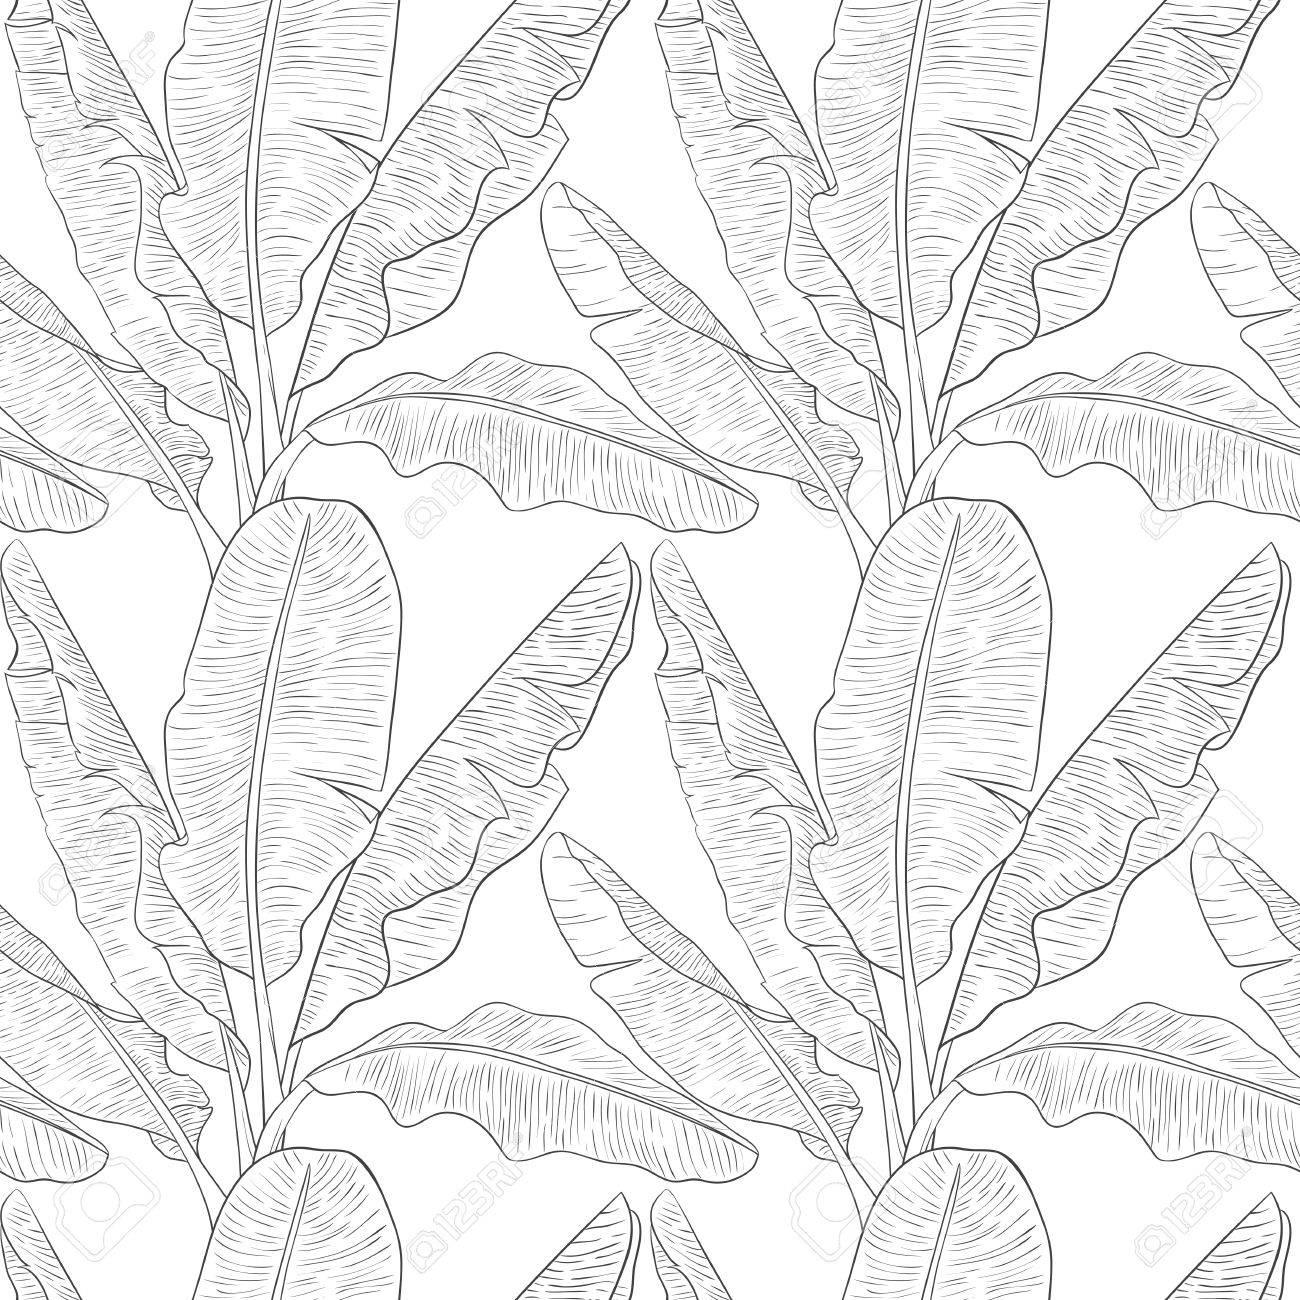 1300x1300 Banana Leaves Pattern Vector Royalty Free Cliparts, Vectors,